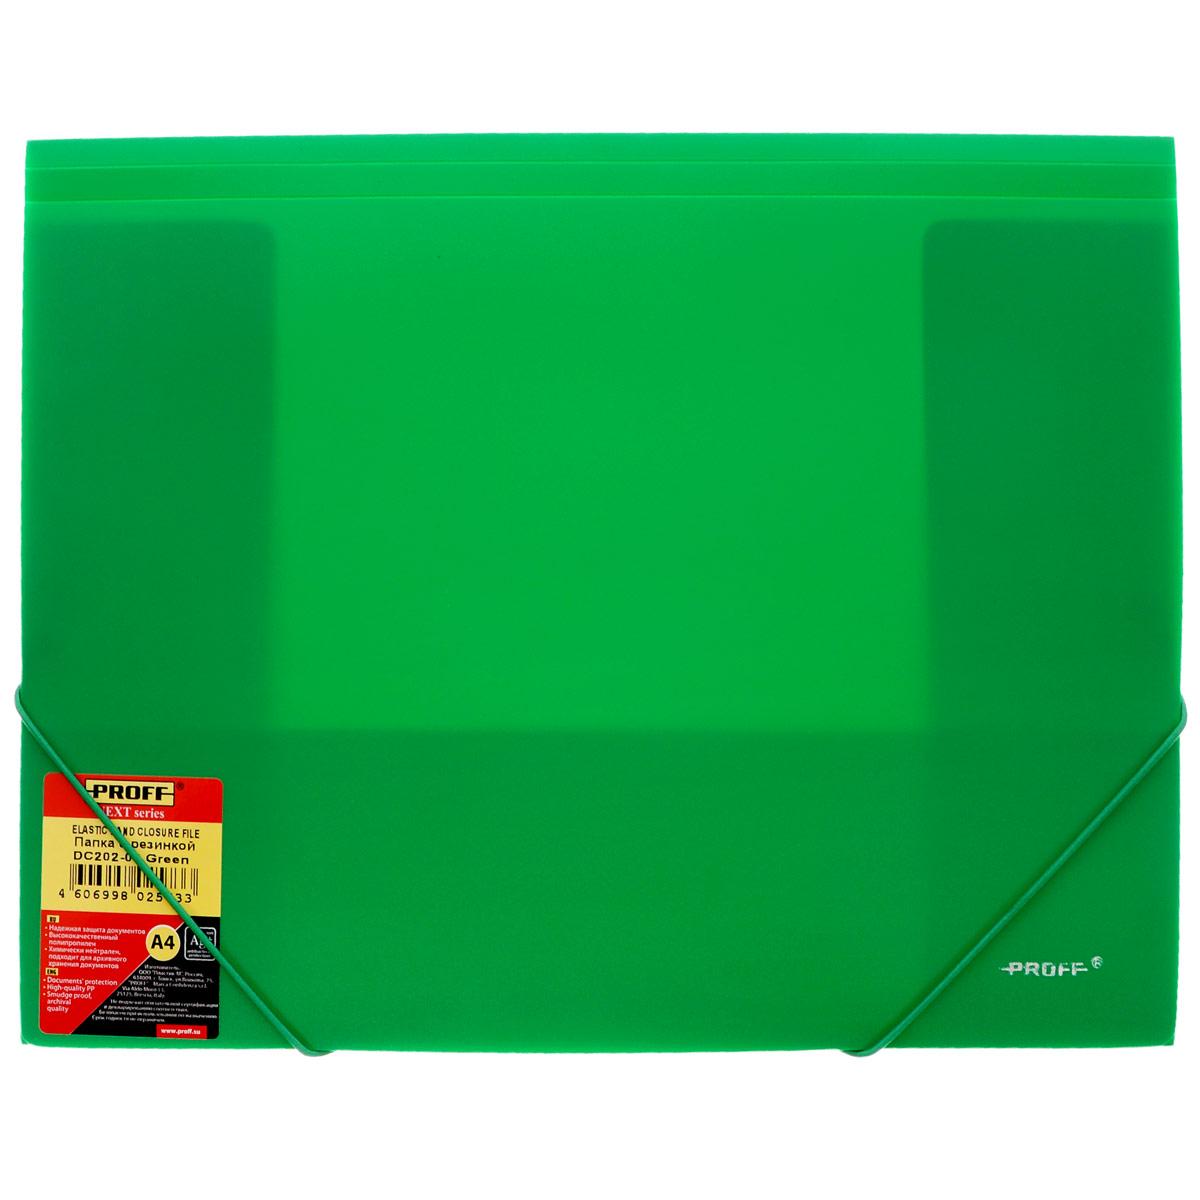 Папка на резинке Proff Next, цвет: зеленый, 3 клапана. Формат А4. DC202-03 proff папка для бумаг ultra на резинке формат a4 цвет синий